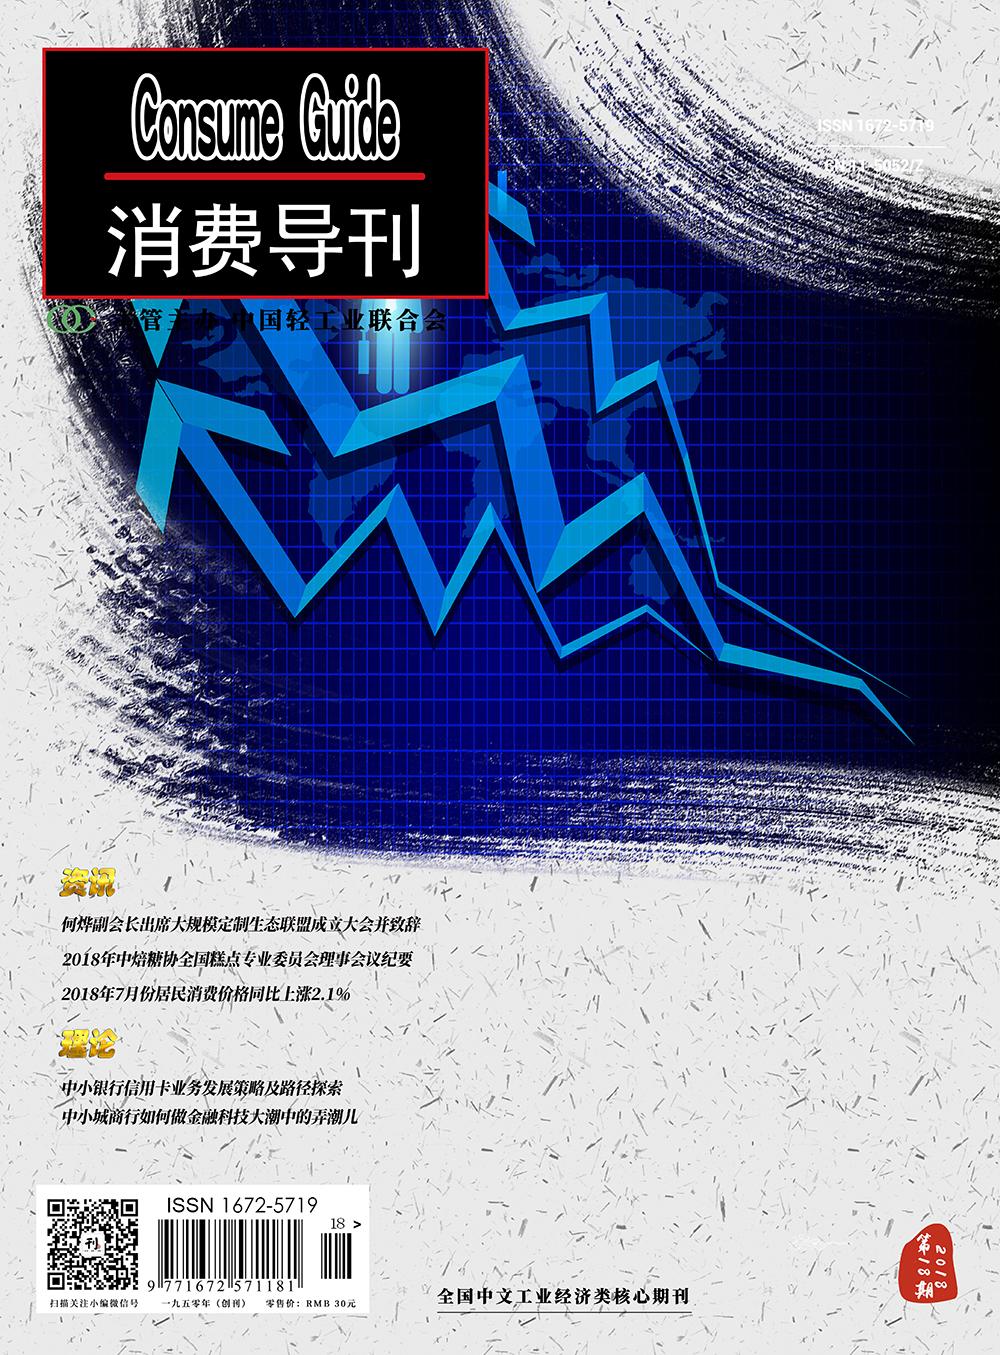 消费导刊2018年第18期